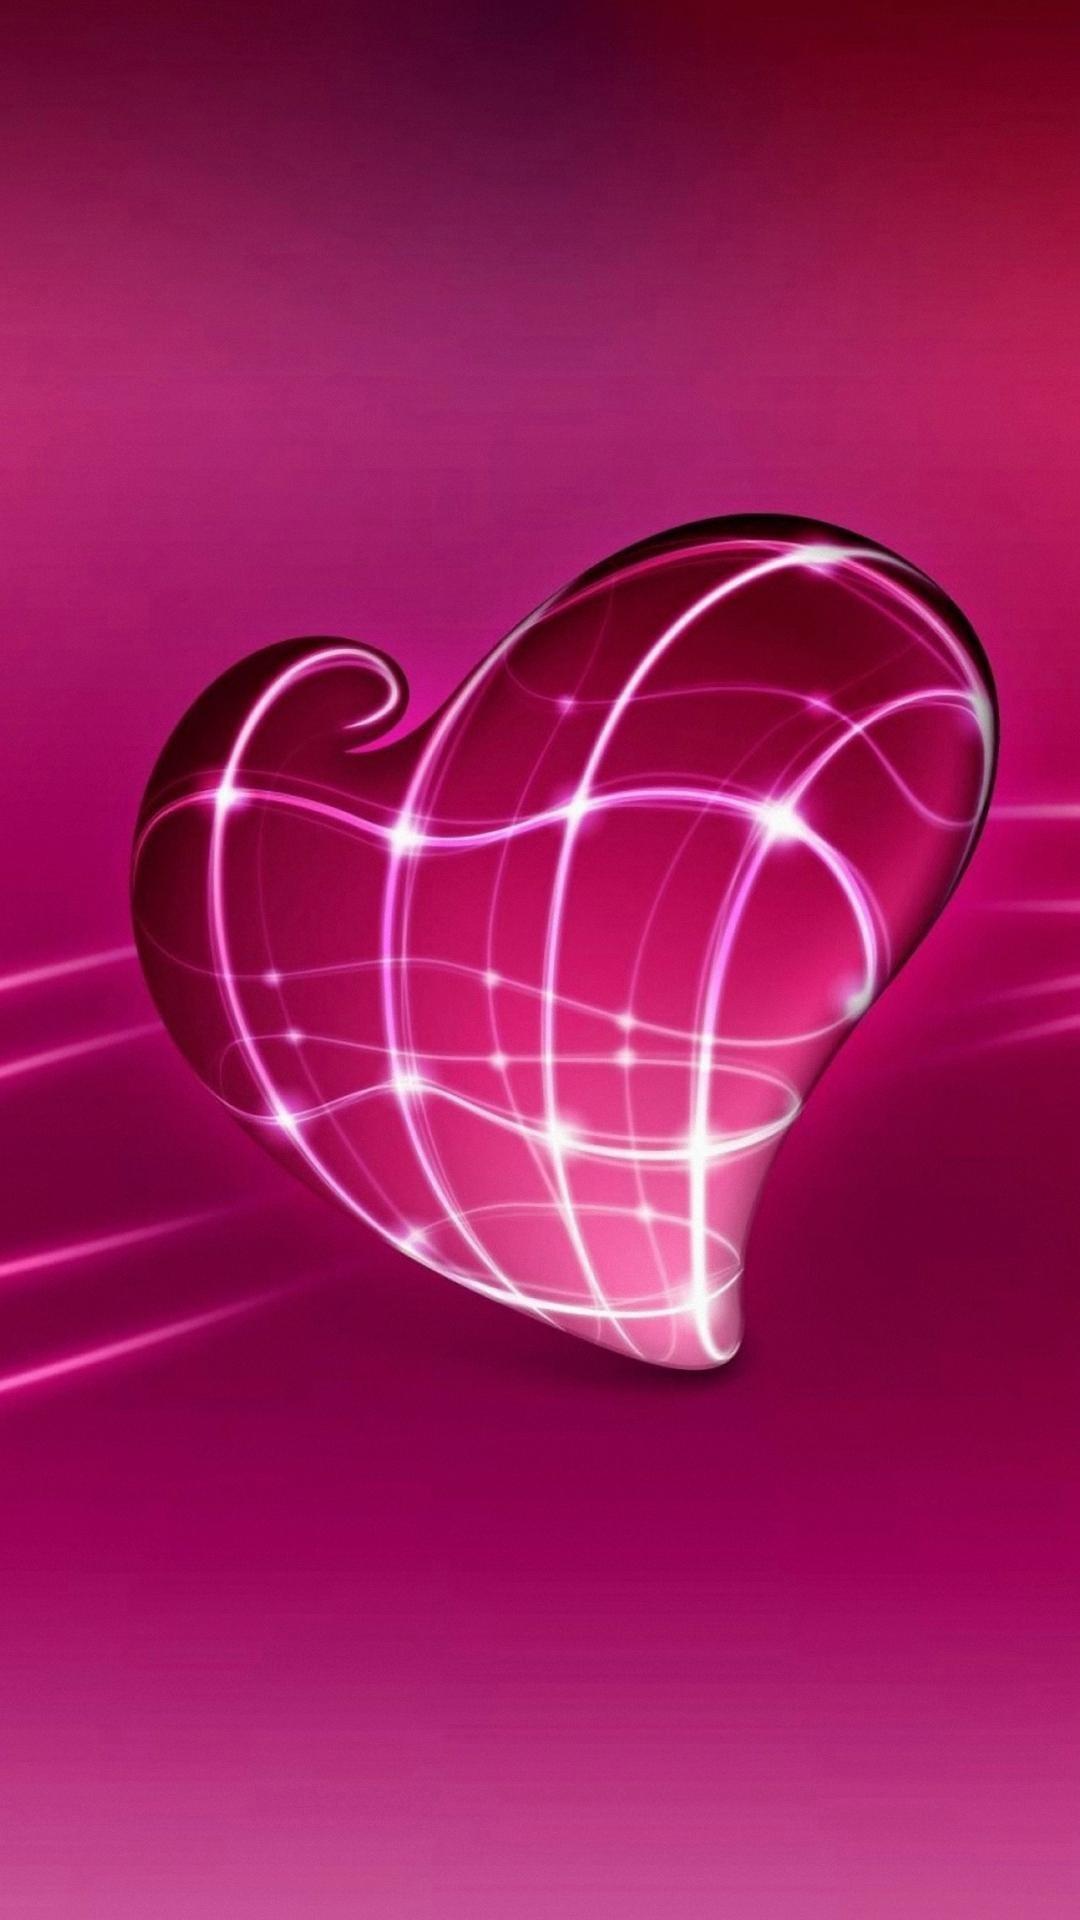 wallpaper.wiki-Light-Heart-Cool-Pink-Iphone-Wallpaper-